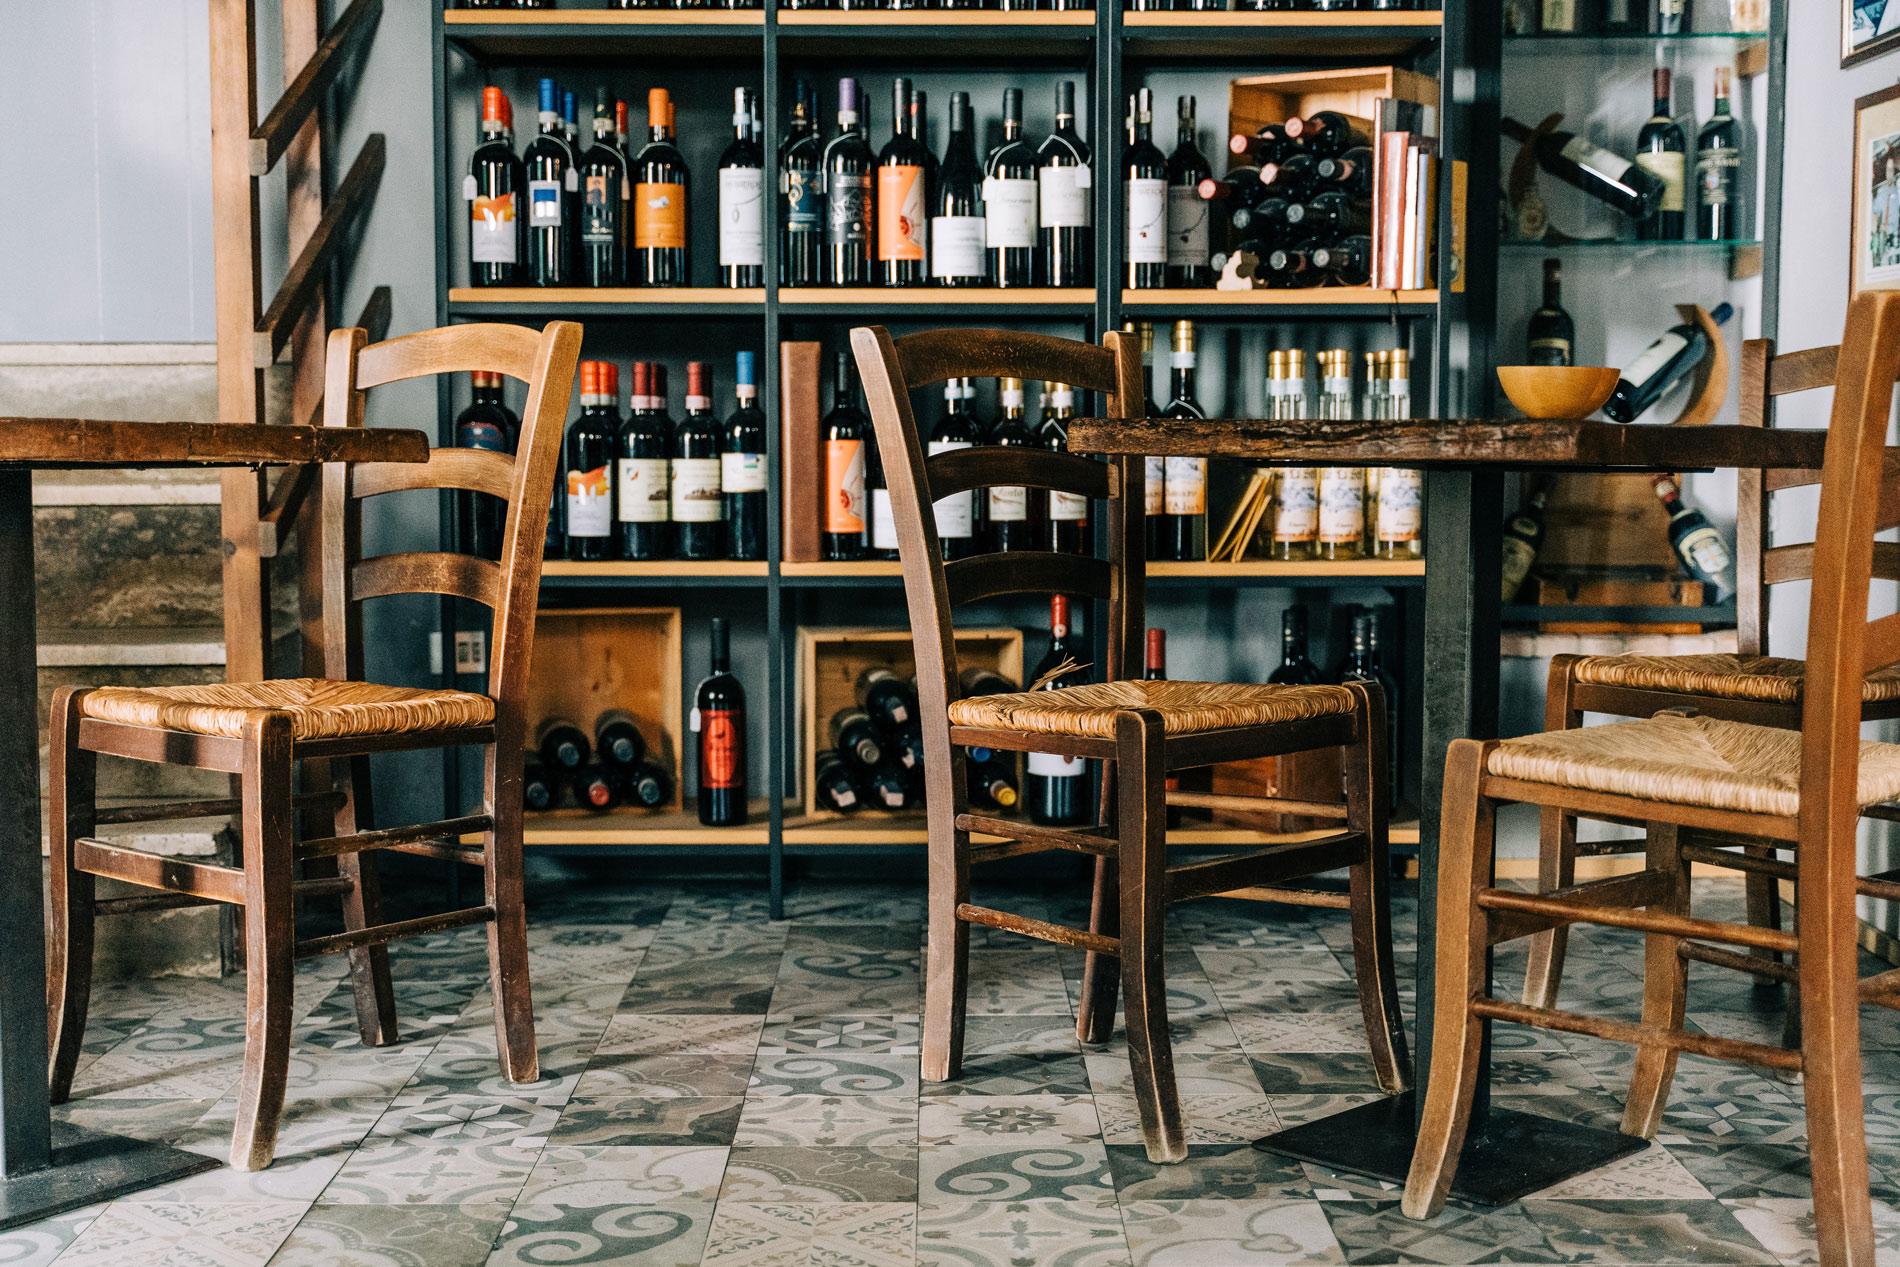 11 sitiazos para irse de vinos (naturales) en el centro de Madrid